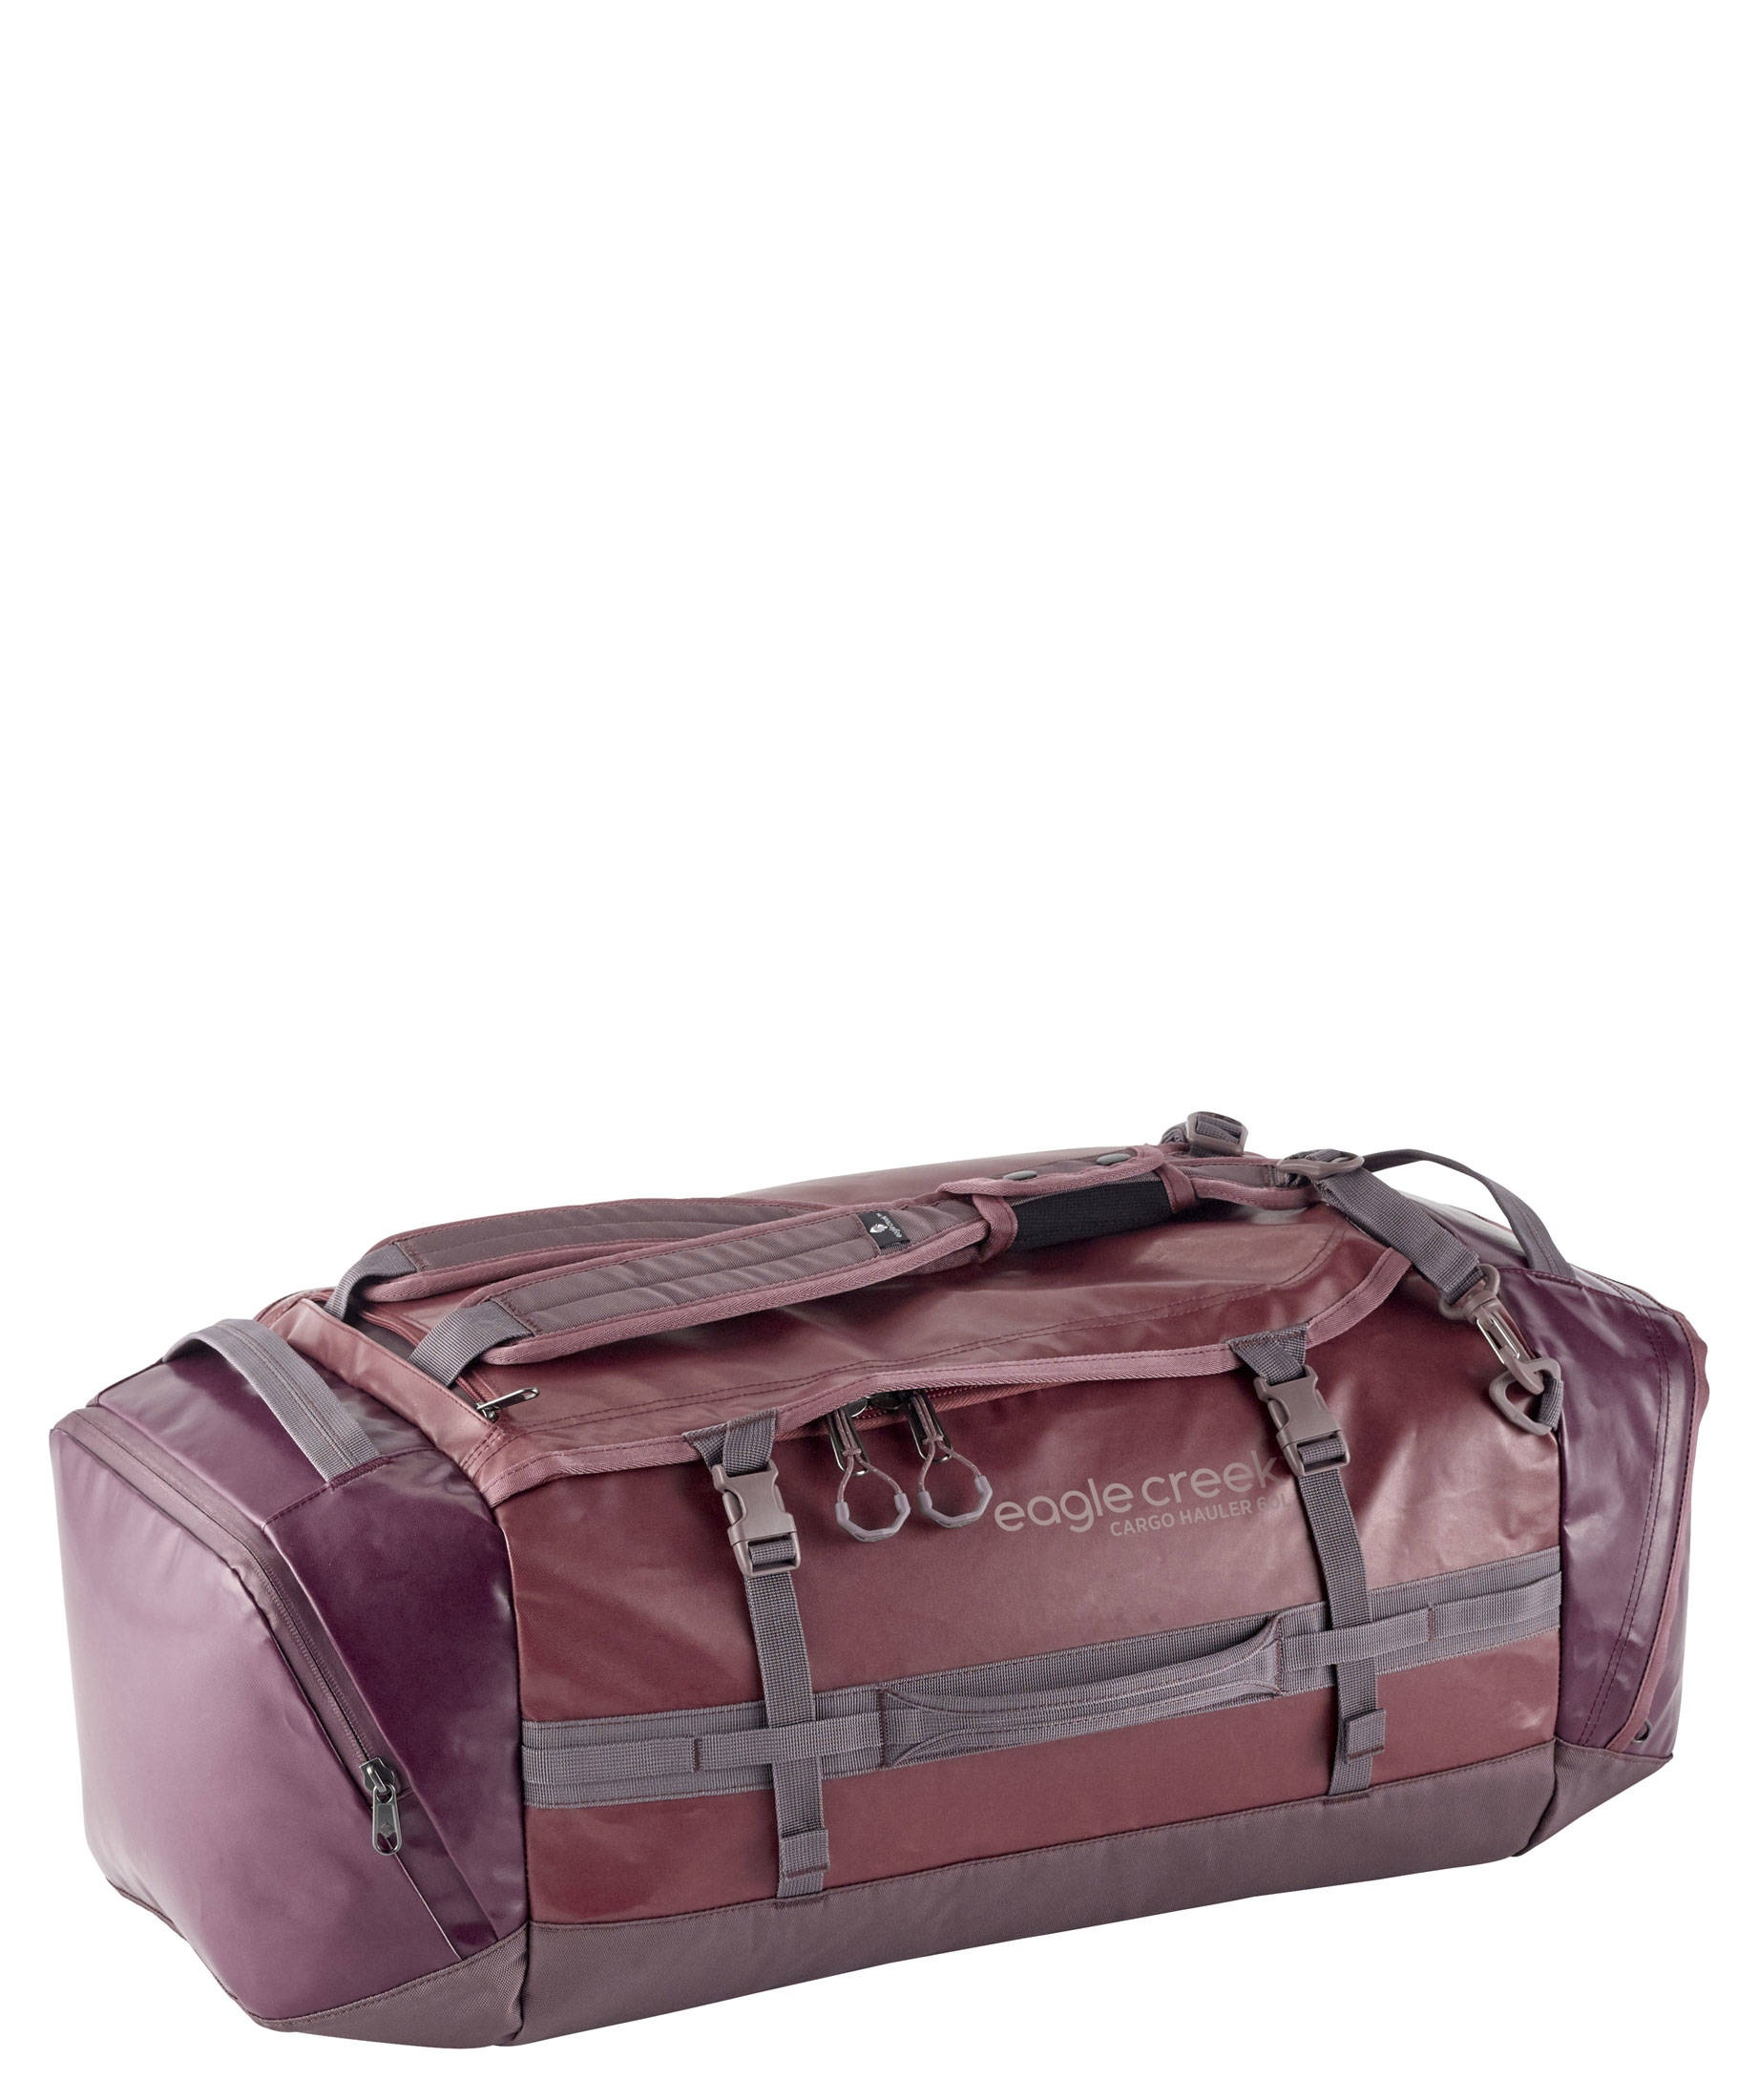 Das richtige gepäck für dich und deine reise